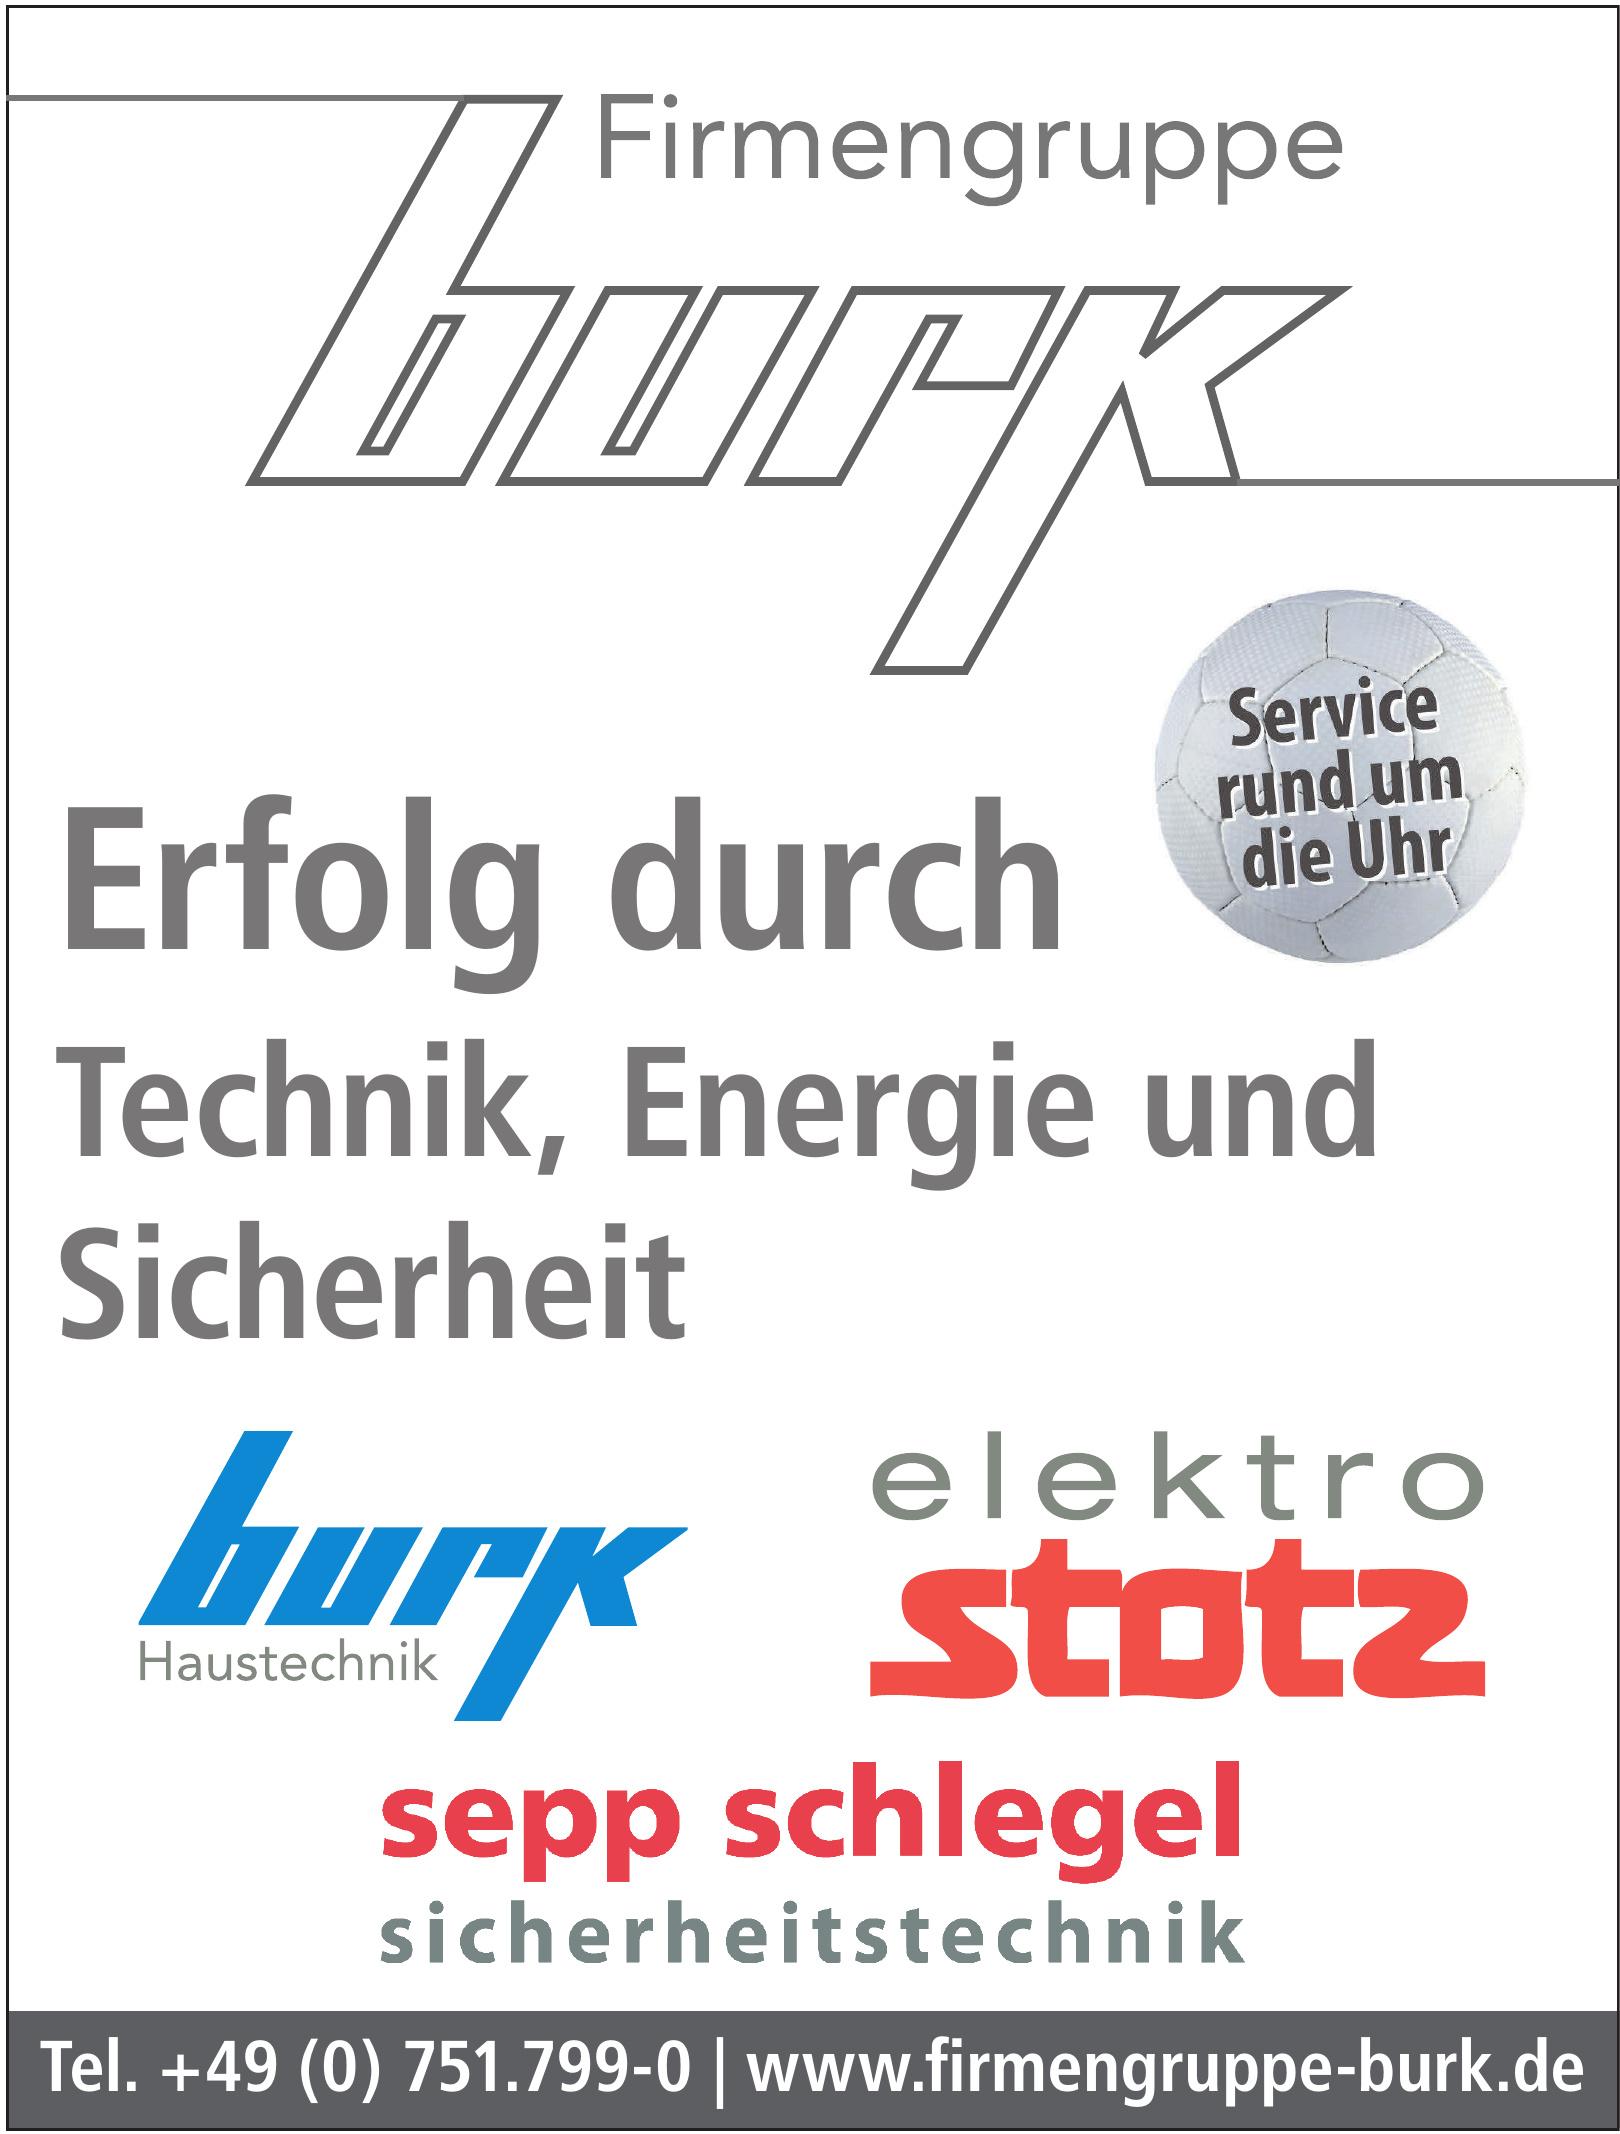 Firmengruppe Burk